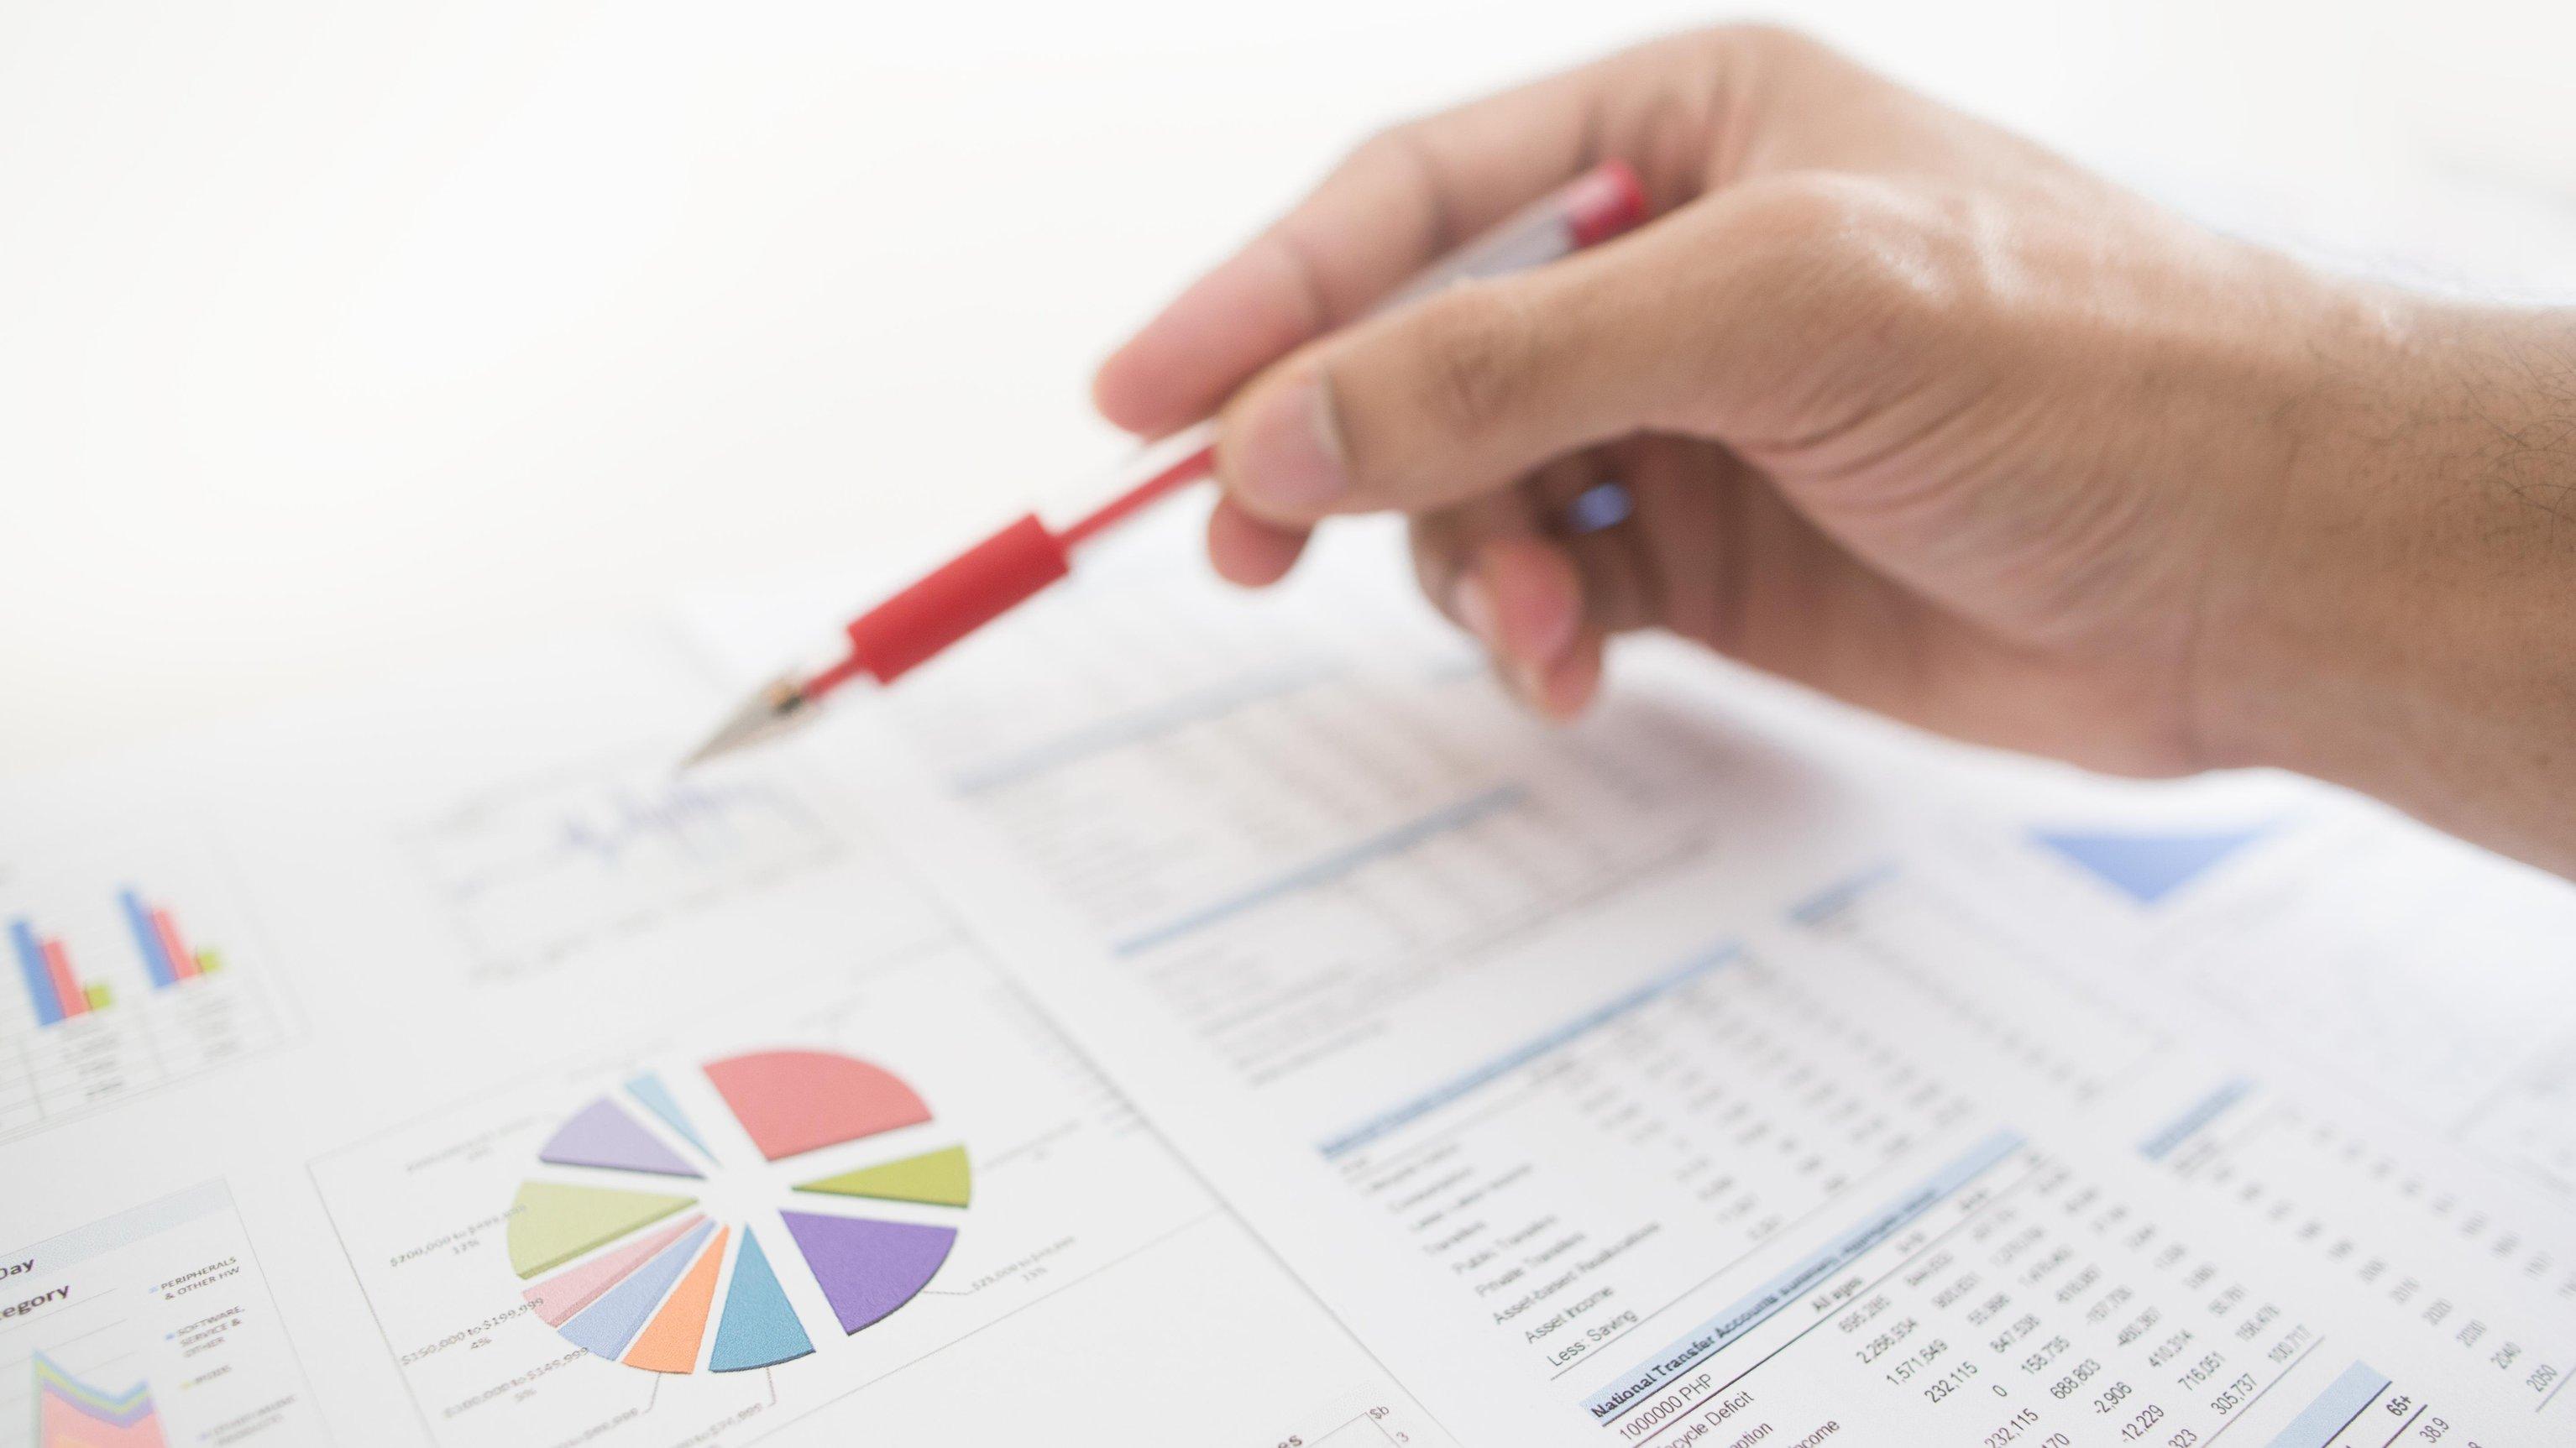 Stockfoto: Calvatis Messen, Steuern, Regeln - @ istock / woolzian